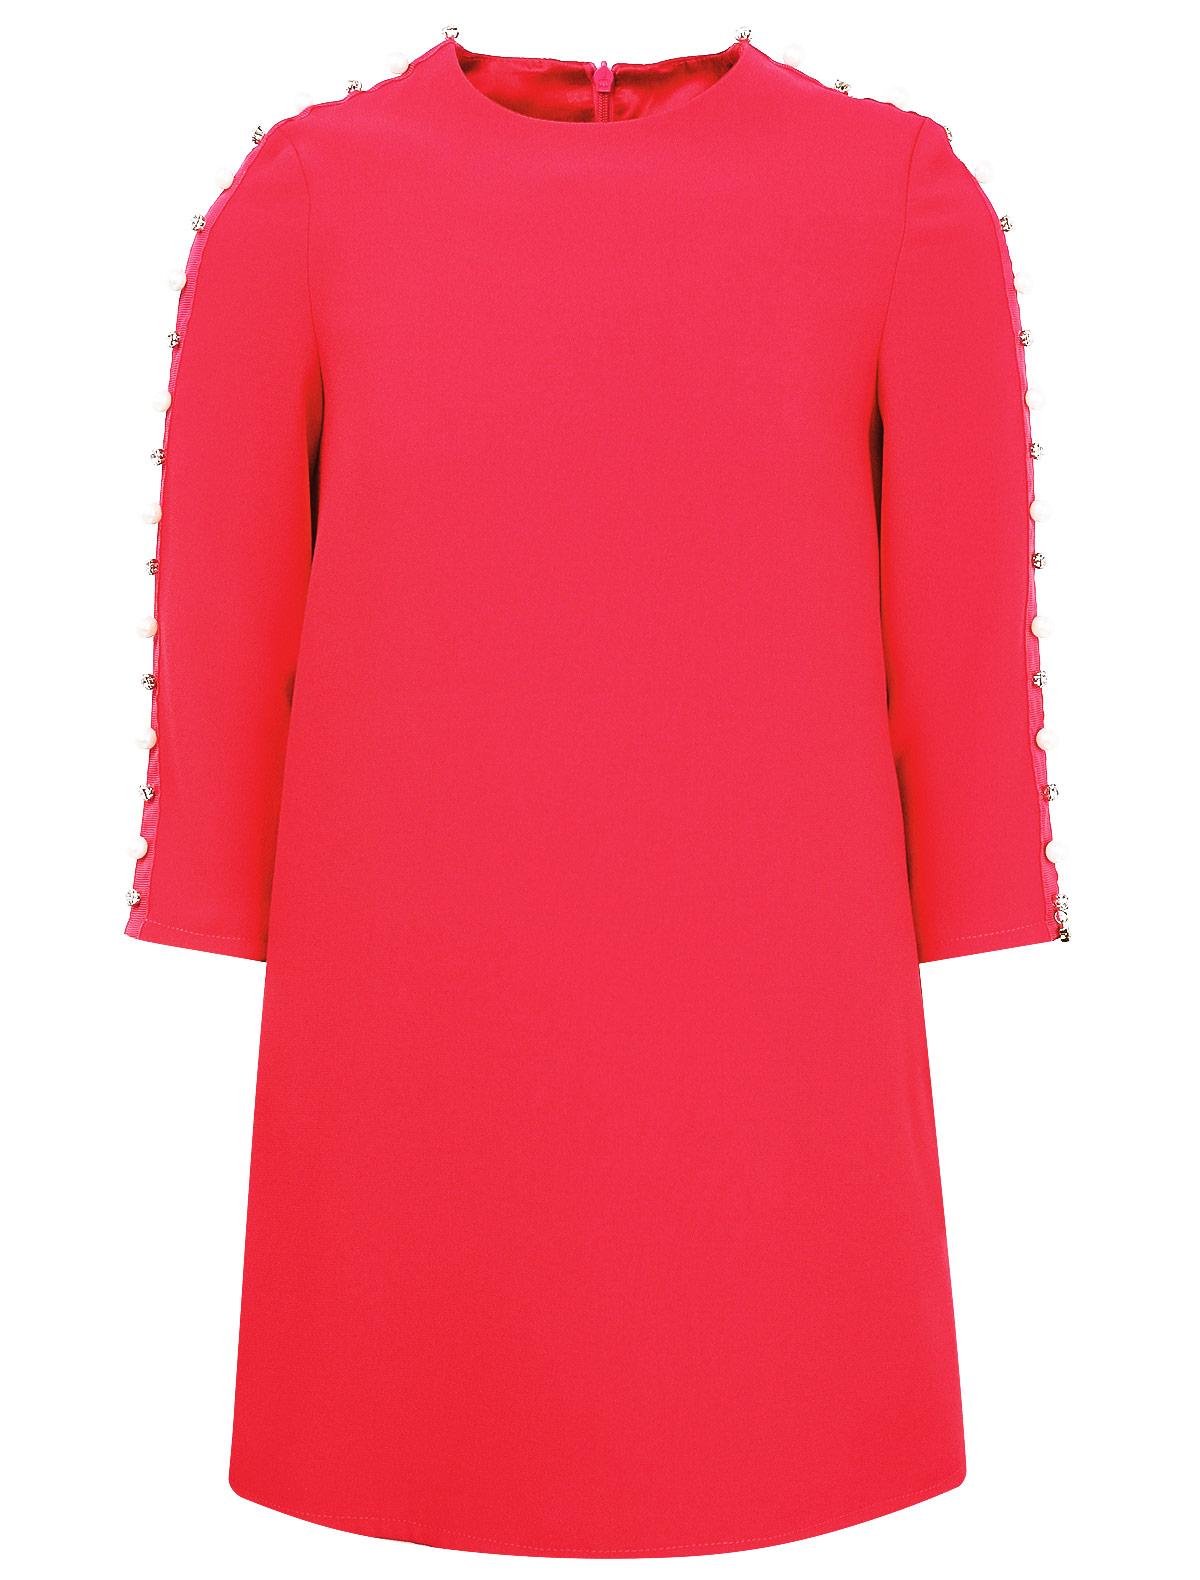 Купить 2139982, Платье ELISABETTA FRANCHI, розовый, Женский, 1052609981142